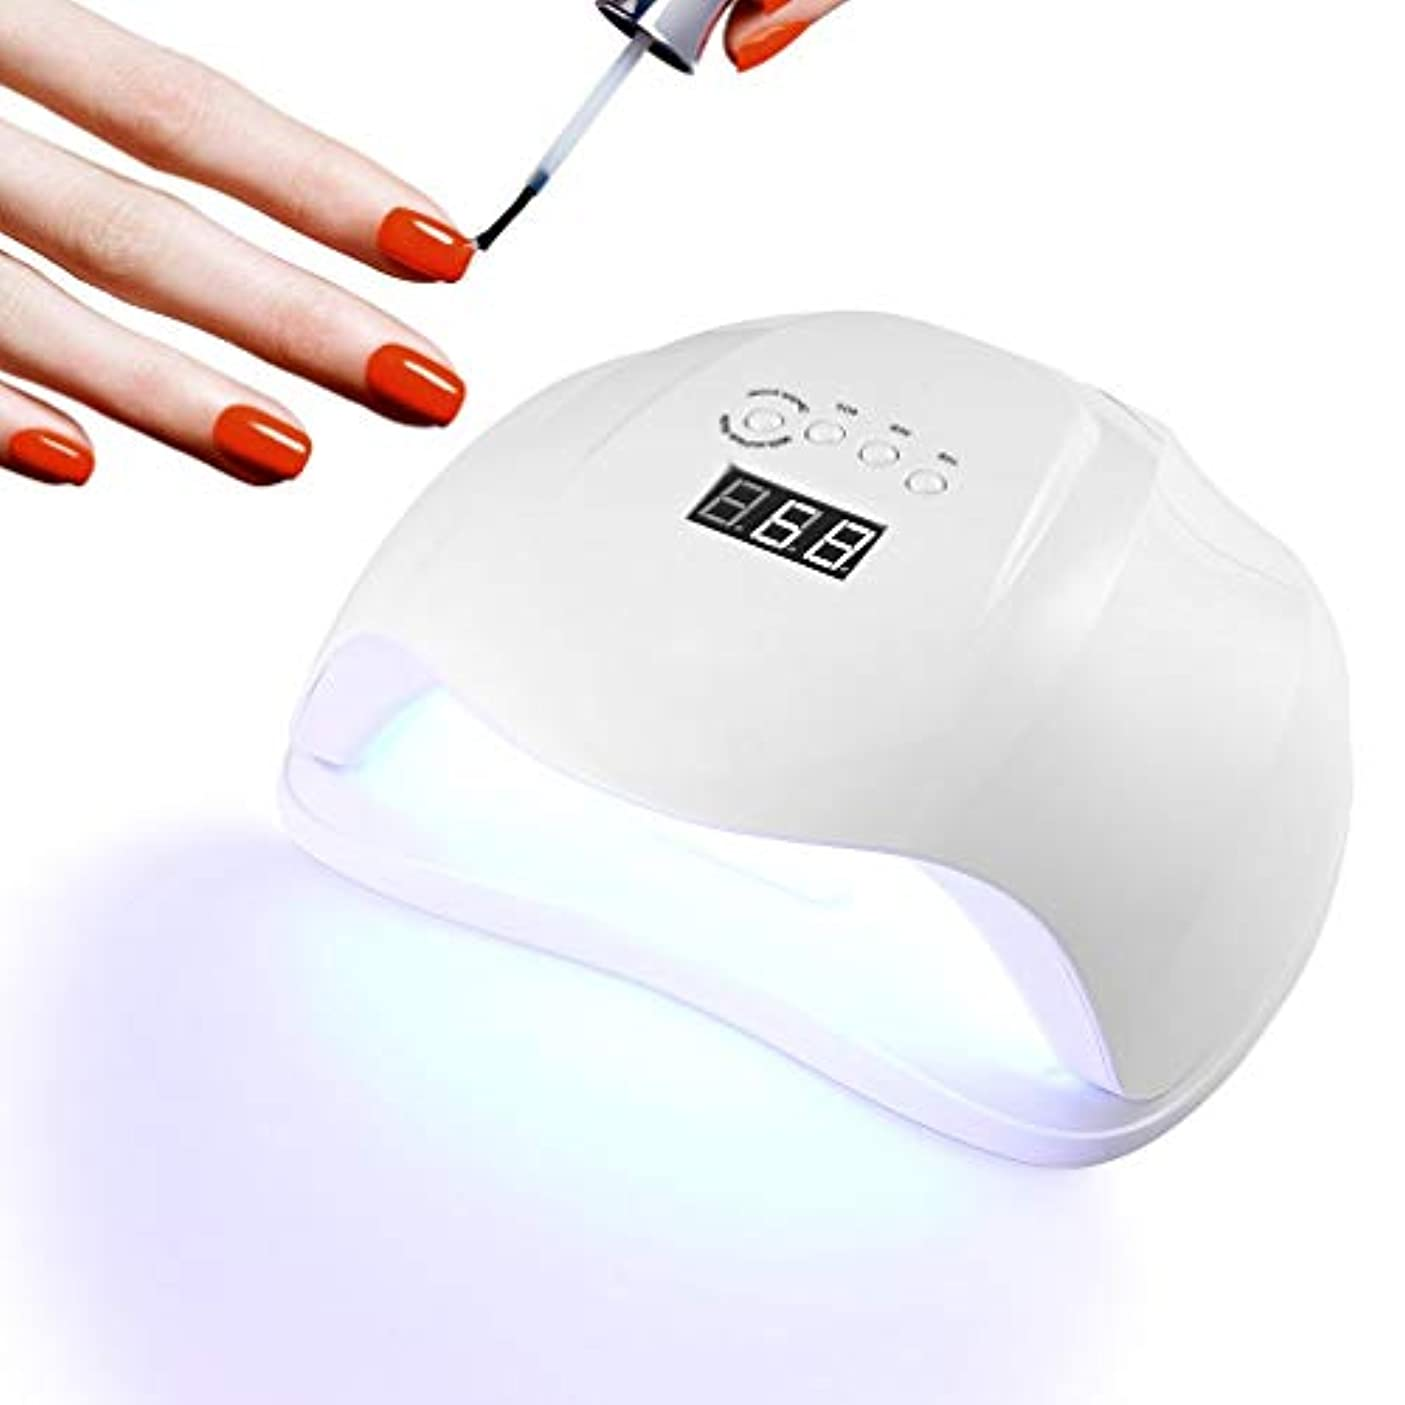 利用可能同情シンカンネイルドライヤー 硬化用UVライト 54W UV LED ネイルライト UVレジンライト ジェルネイルLEDライトネイルライト54w新型 タイマー付き ネイルランプ赤外線センサー付き 液晶ディスプレー 手&足両用 自動センサー タイマー機能付き